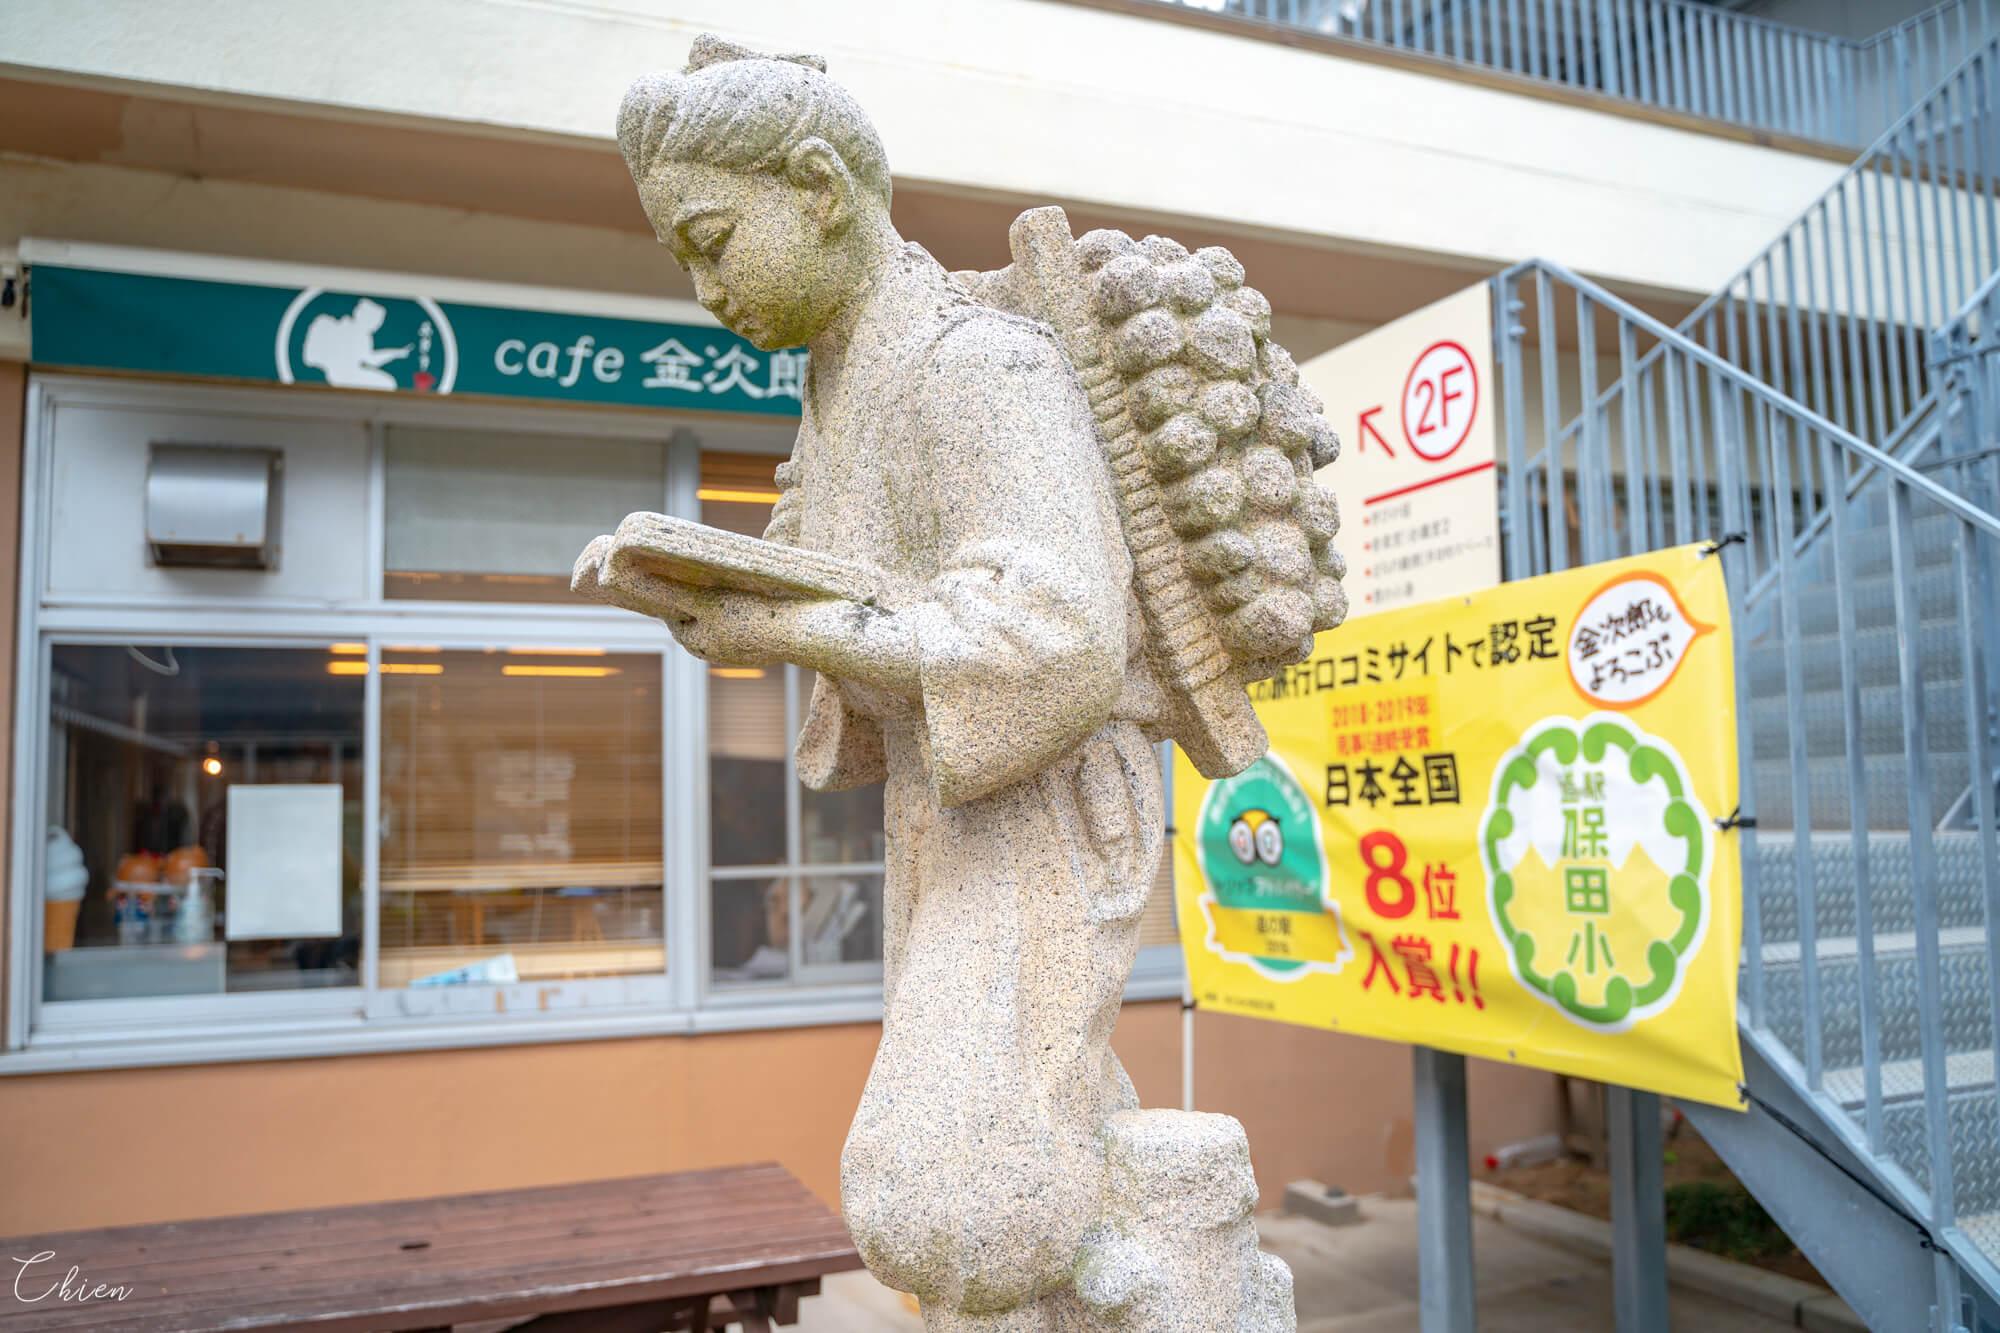 千葉觀光休息站「保田小學」 餐廳美食